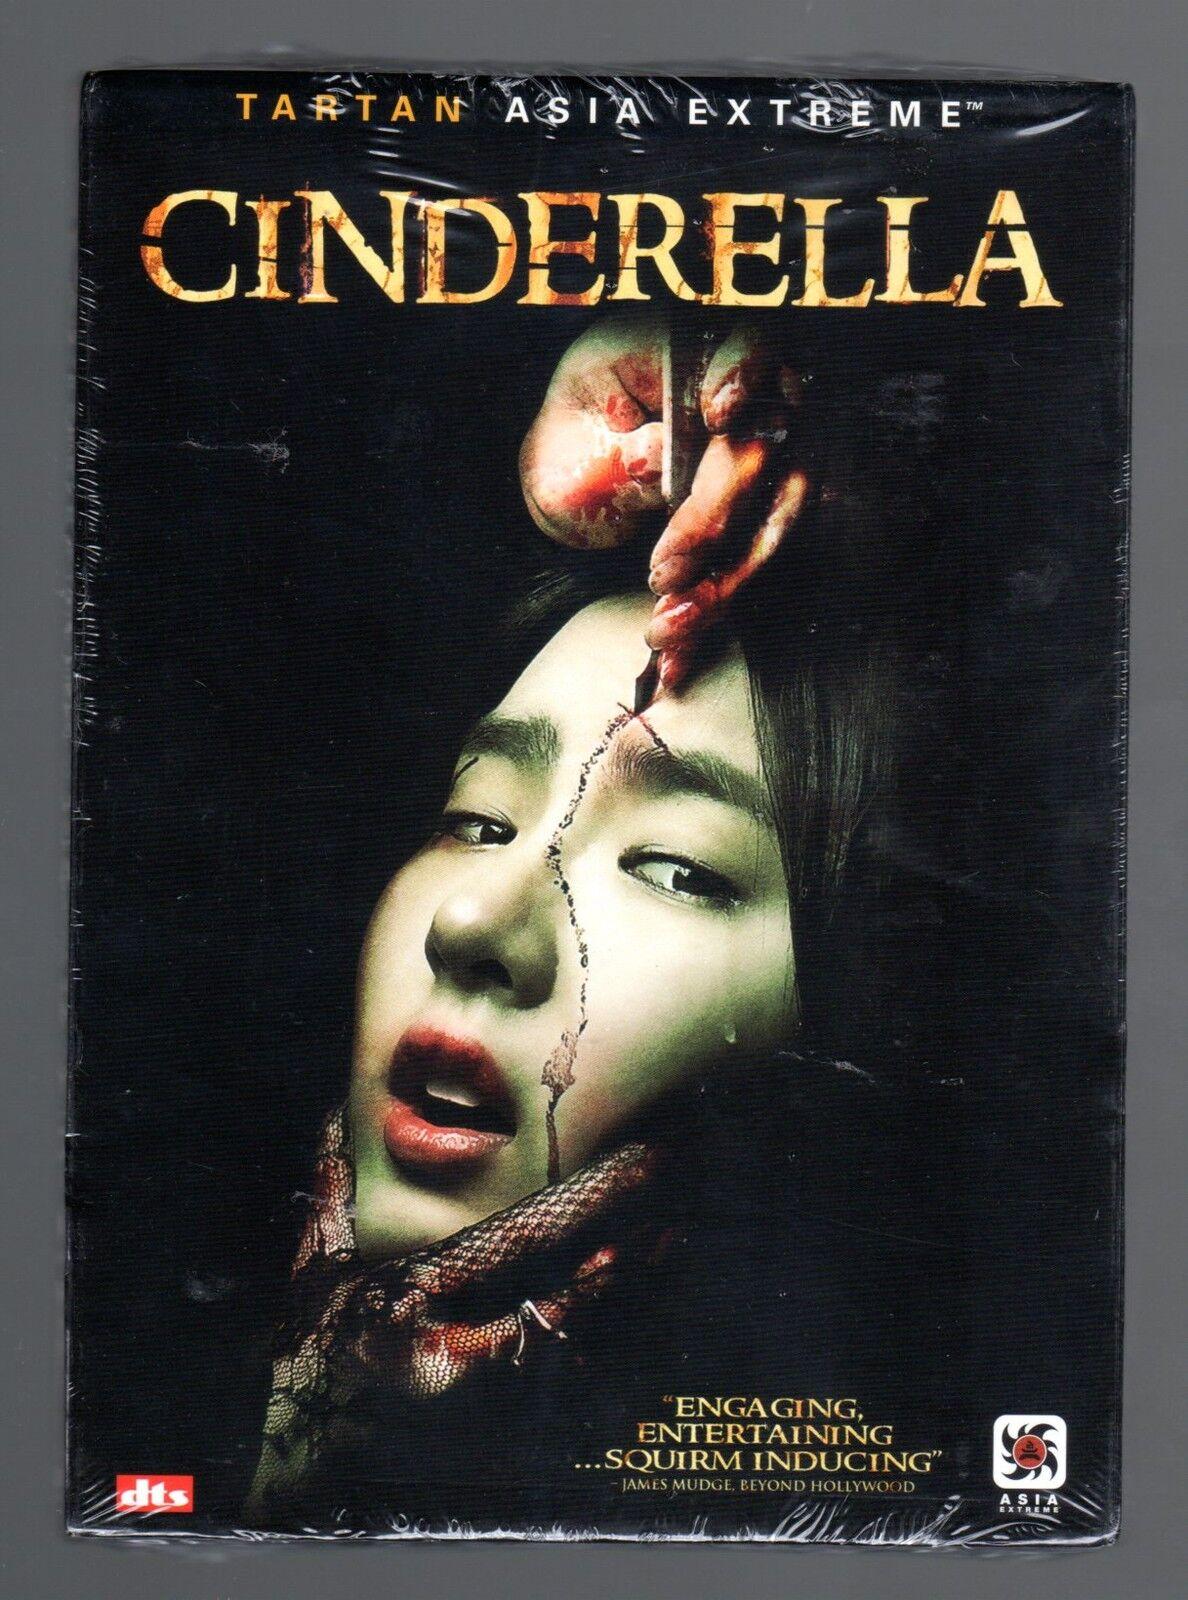 Cinderella (dvd) Man-dae Bong, Tartan Asia Extreme English Sub Brand